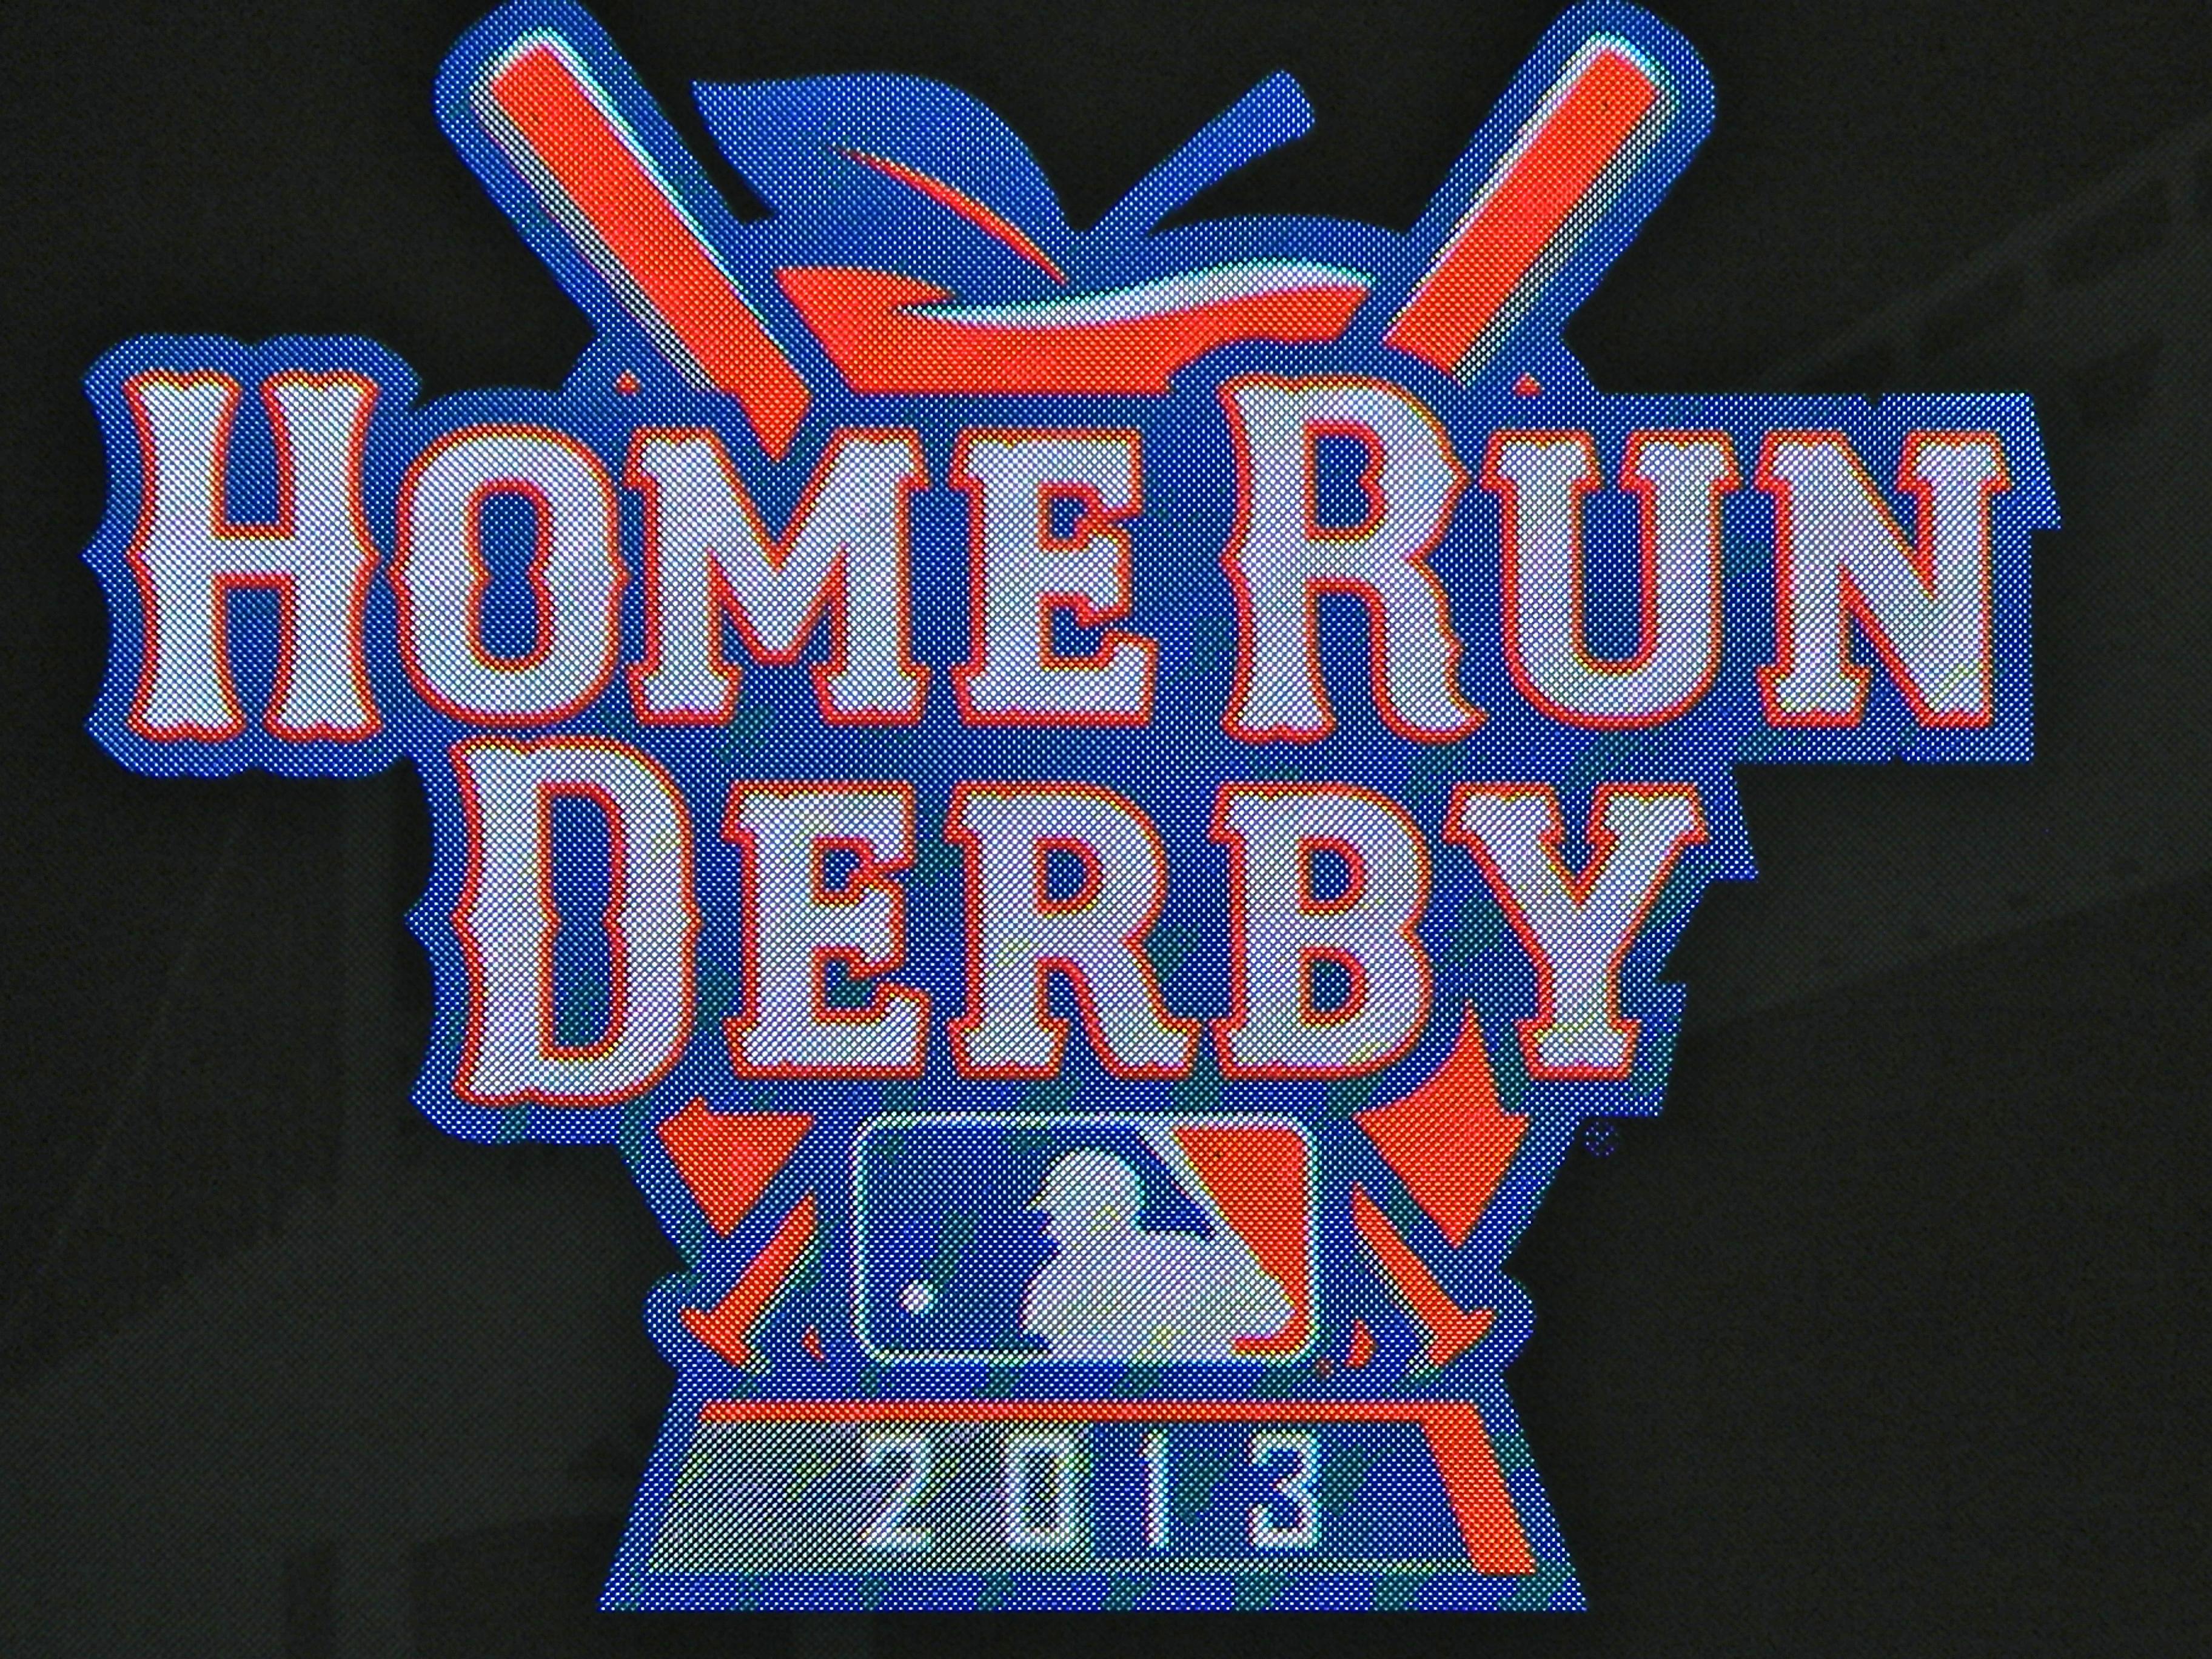 Slideshow: 2013 Home Run Derby